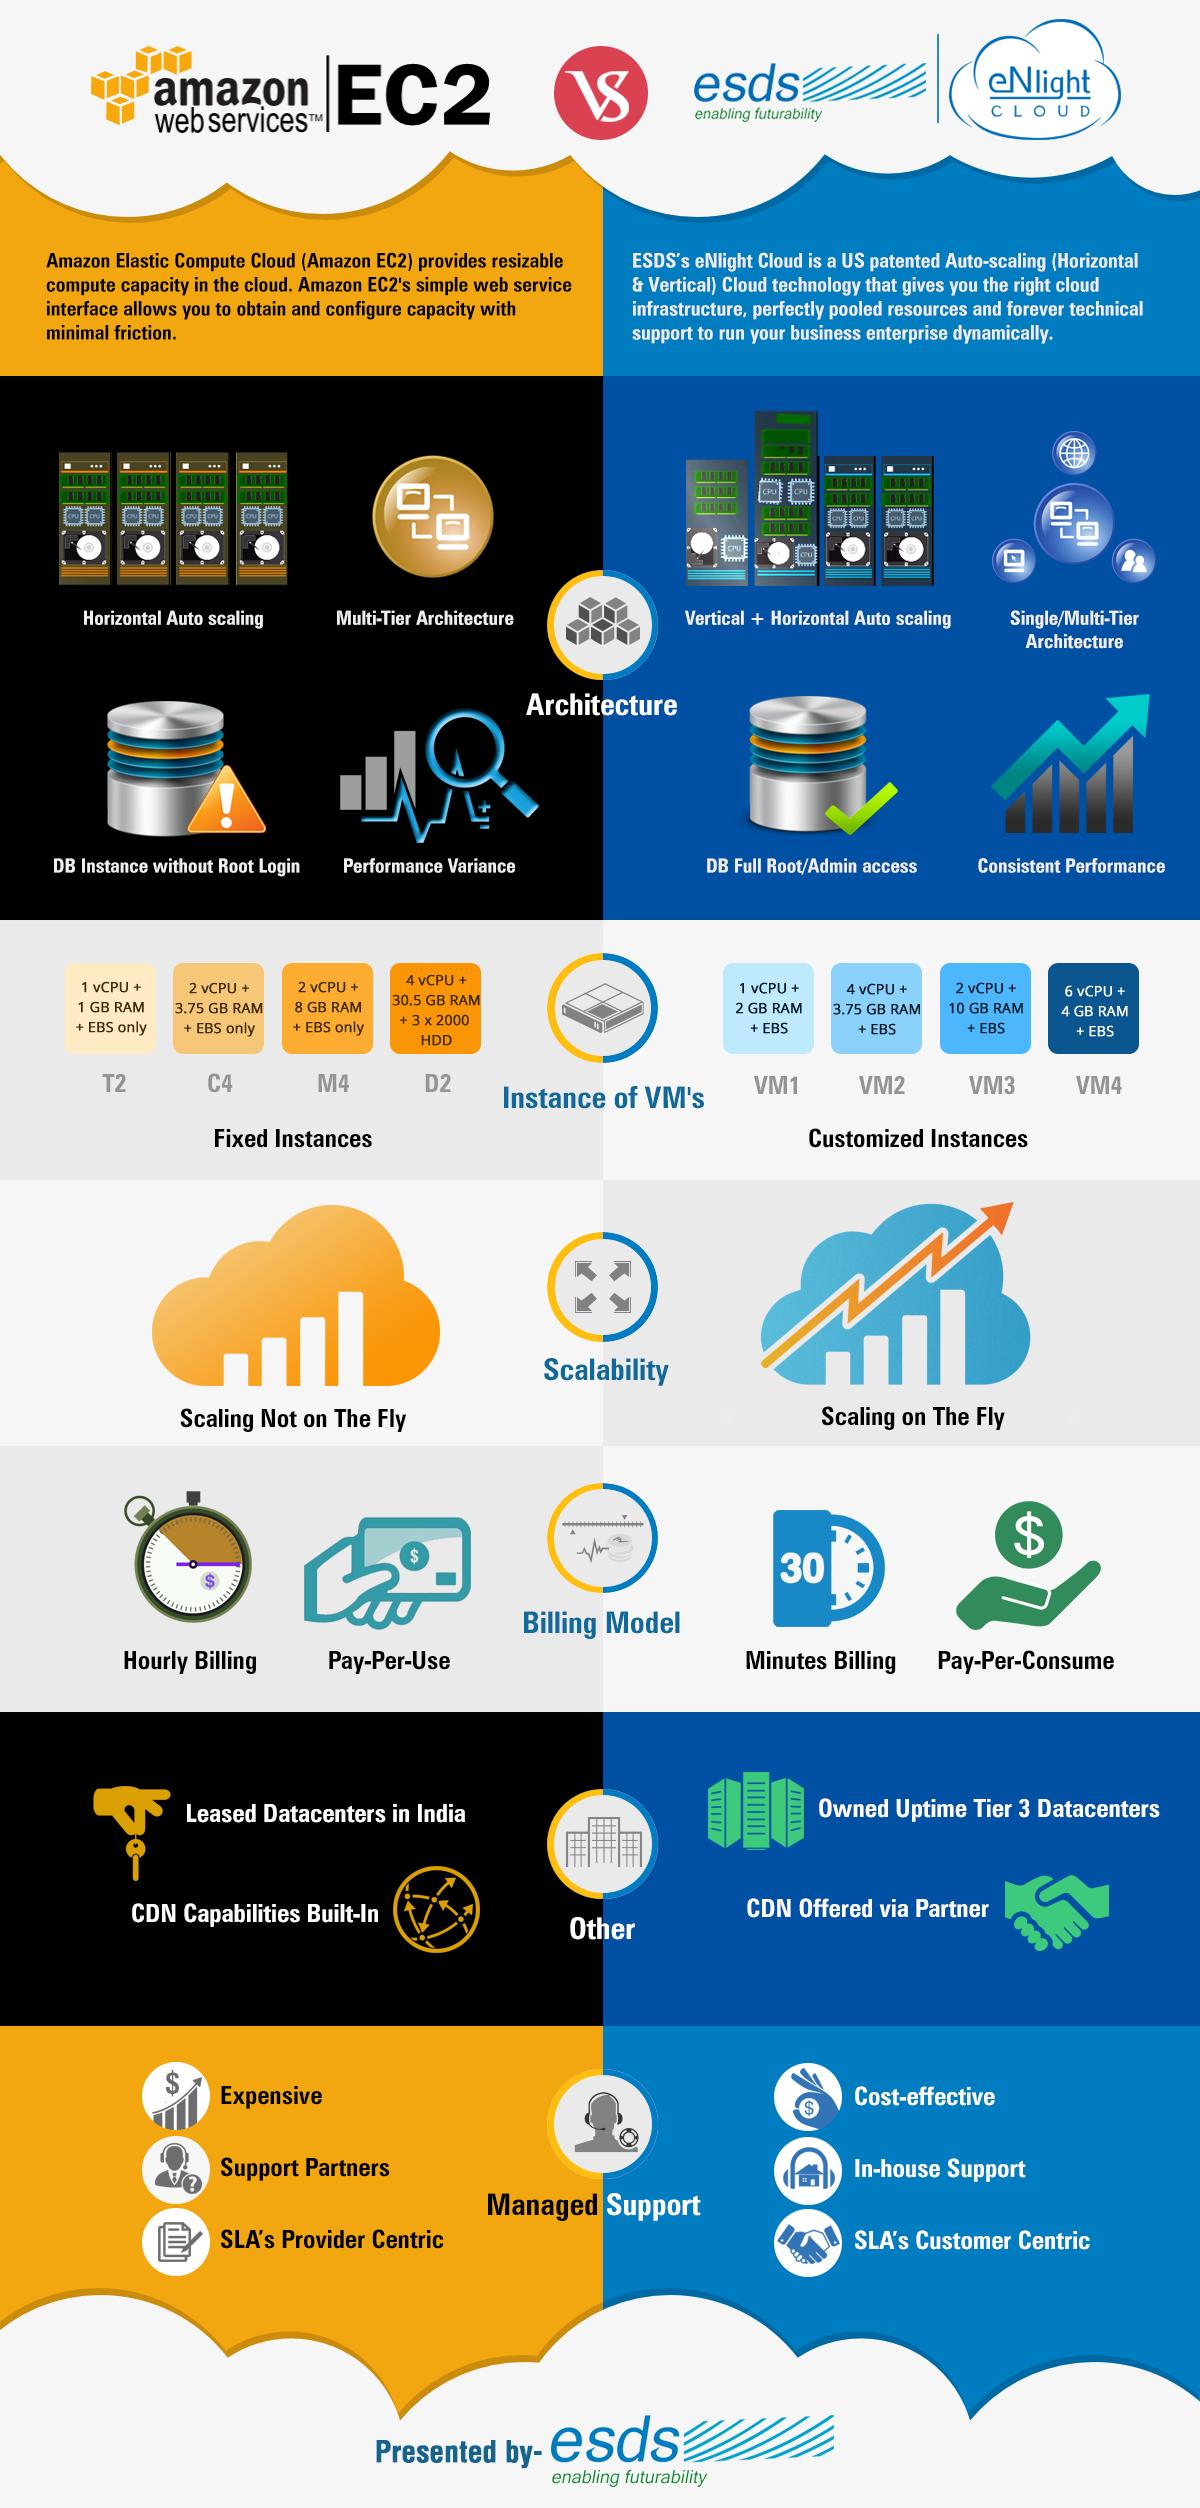 Amazon EC2 v/s eNlight Cloud – Cloud to Cloud Comparison